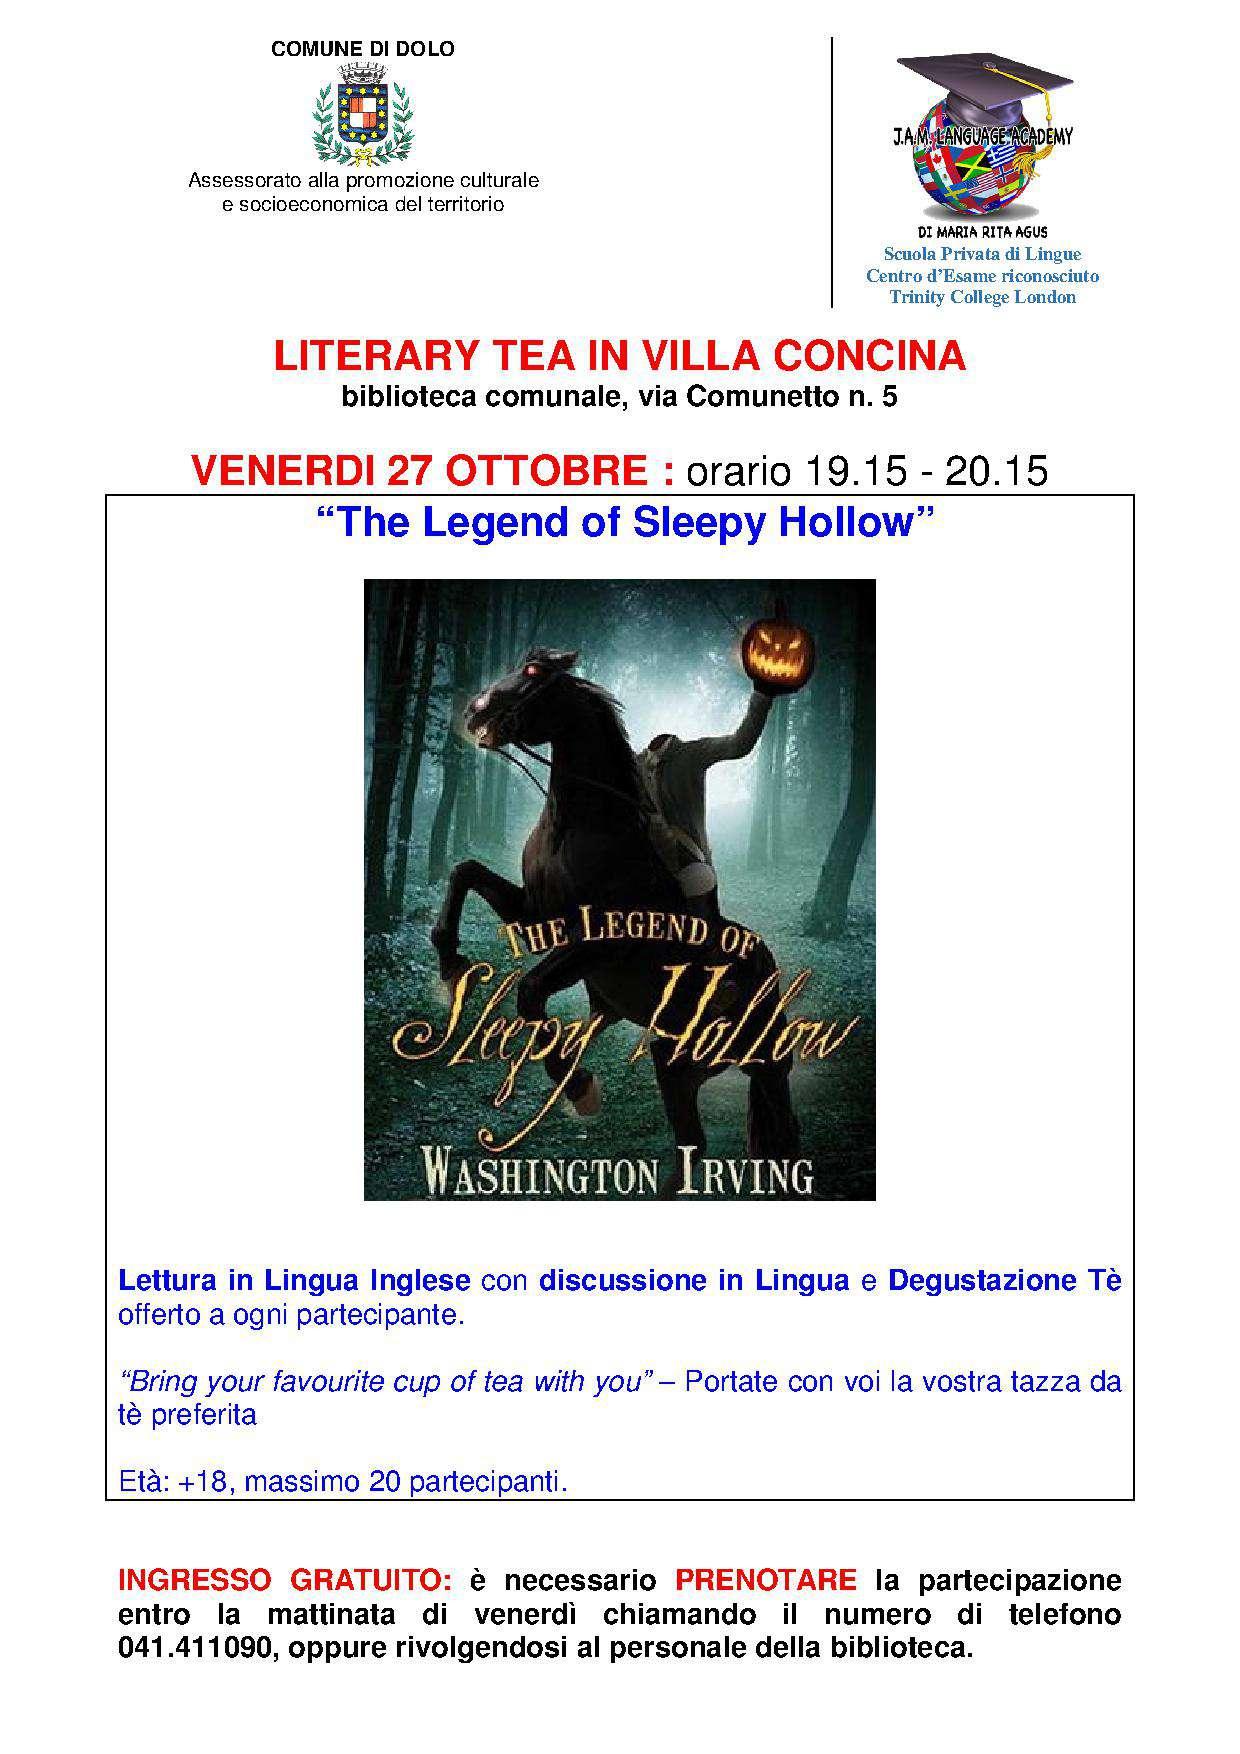 Lettura In Lingua Inglese The Gift Of The Magi Nellambito Della